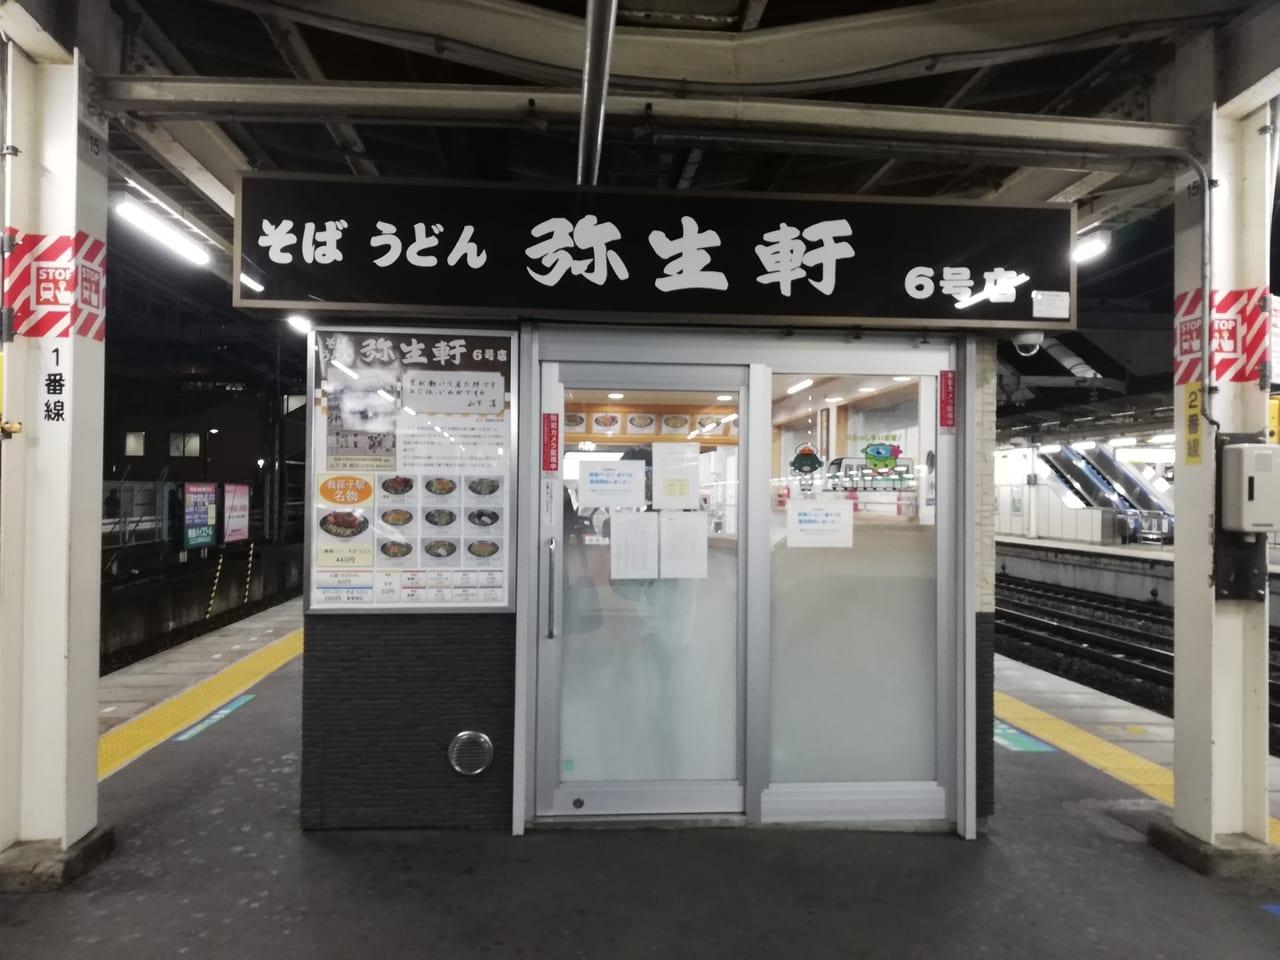 駅 そば 我孫子